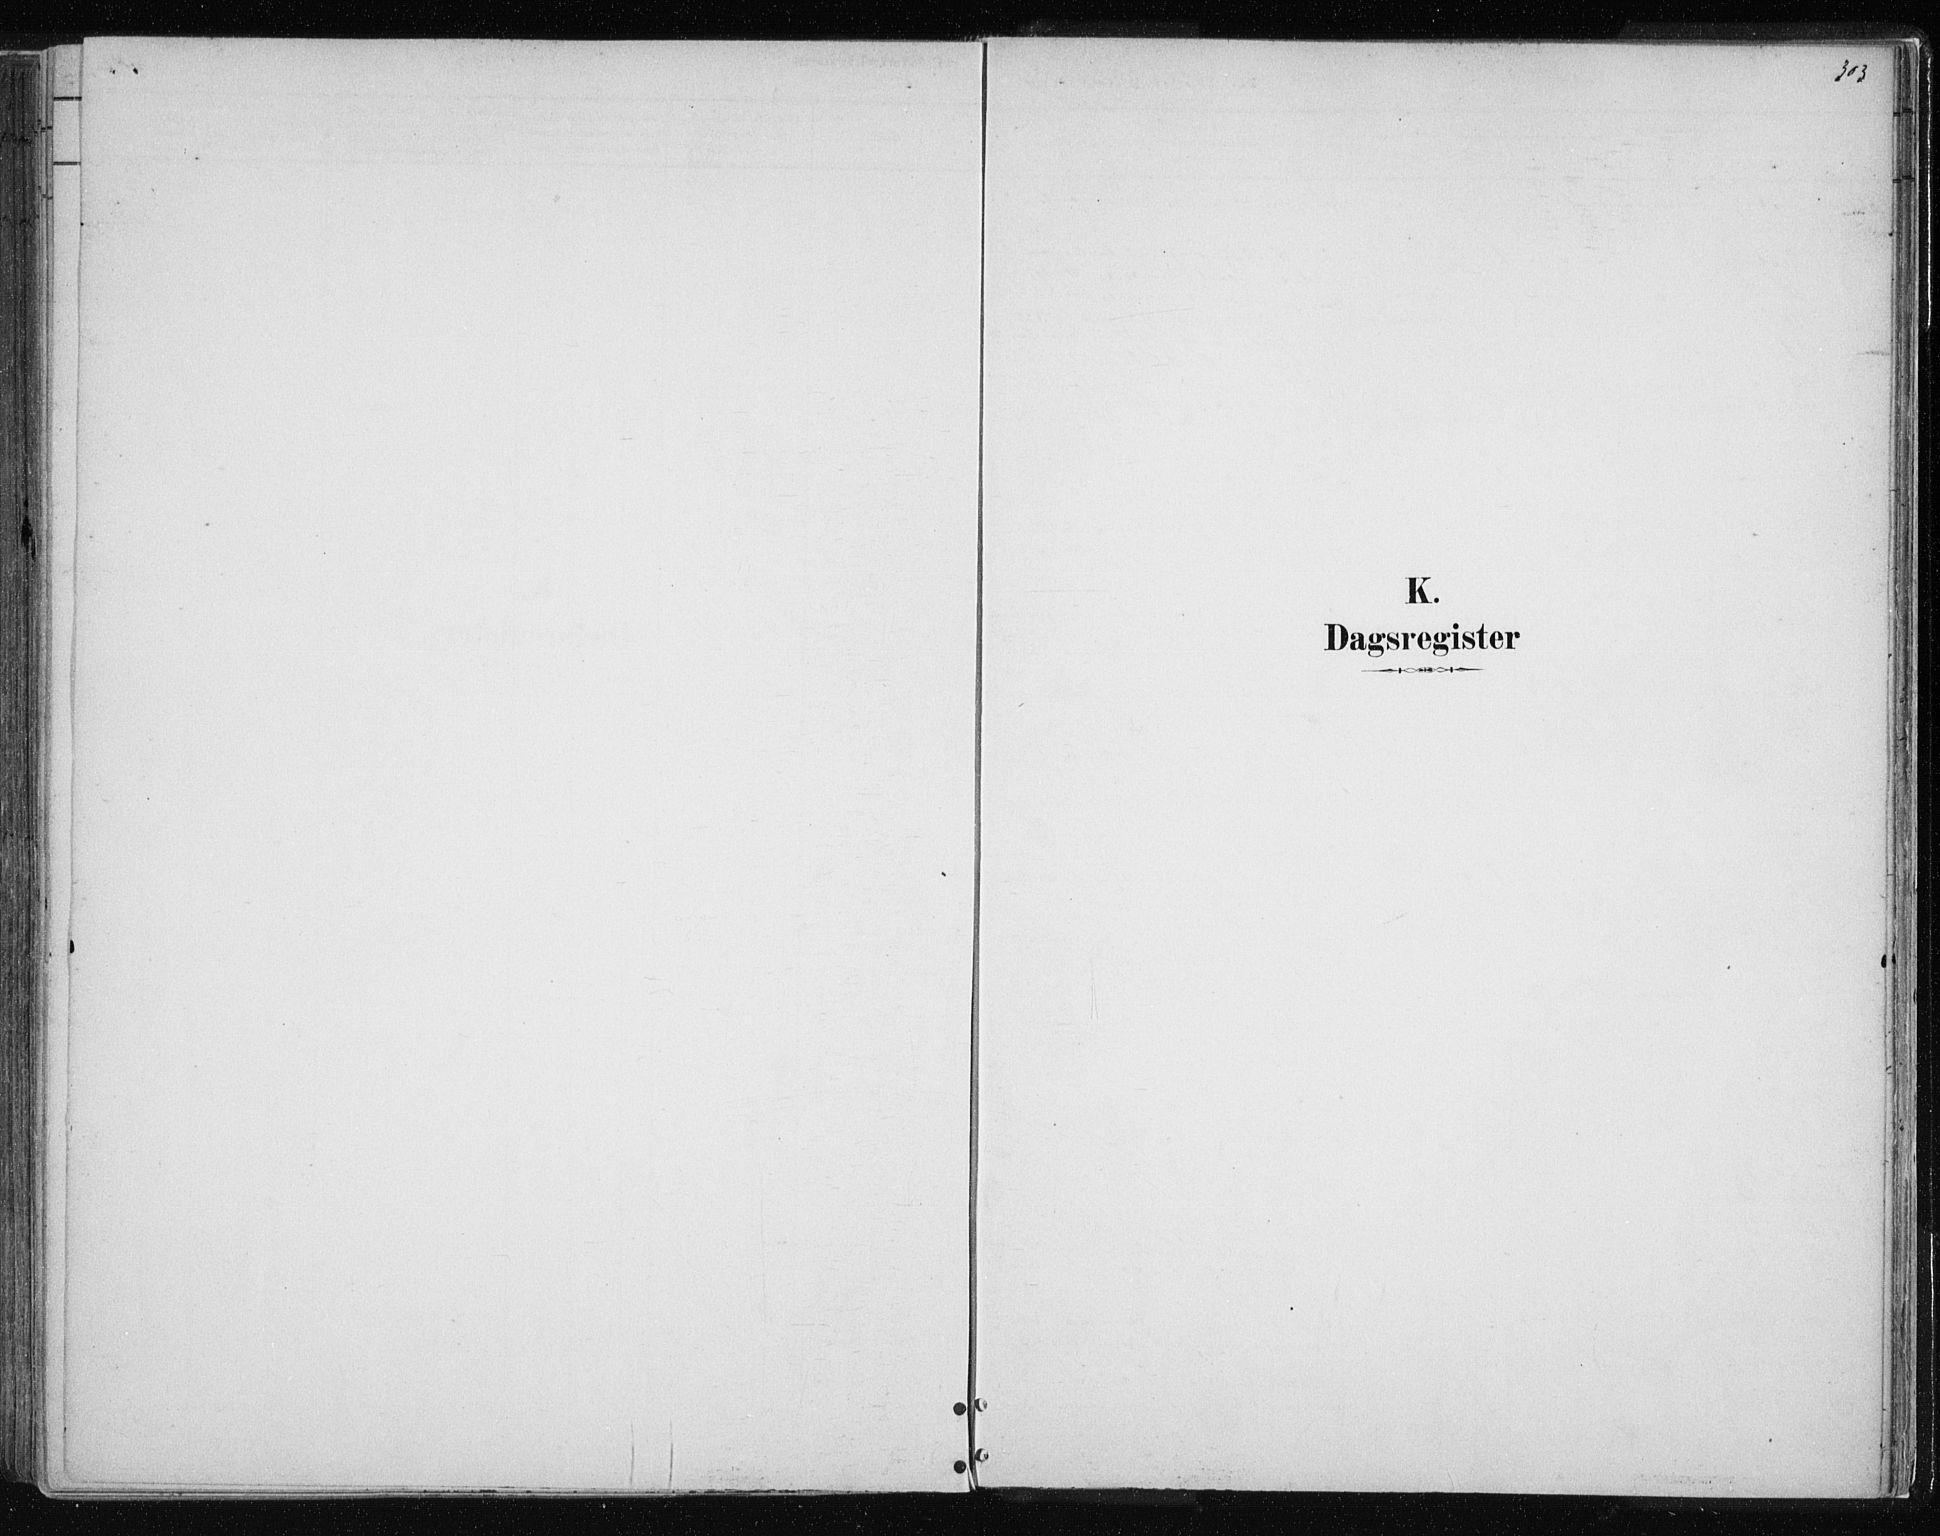 SATØ, Tromsøysund sokneprestkontor, G/Ga/L0004kirke: Ministerialbok nr. 4, 1880-1888, s. 303